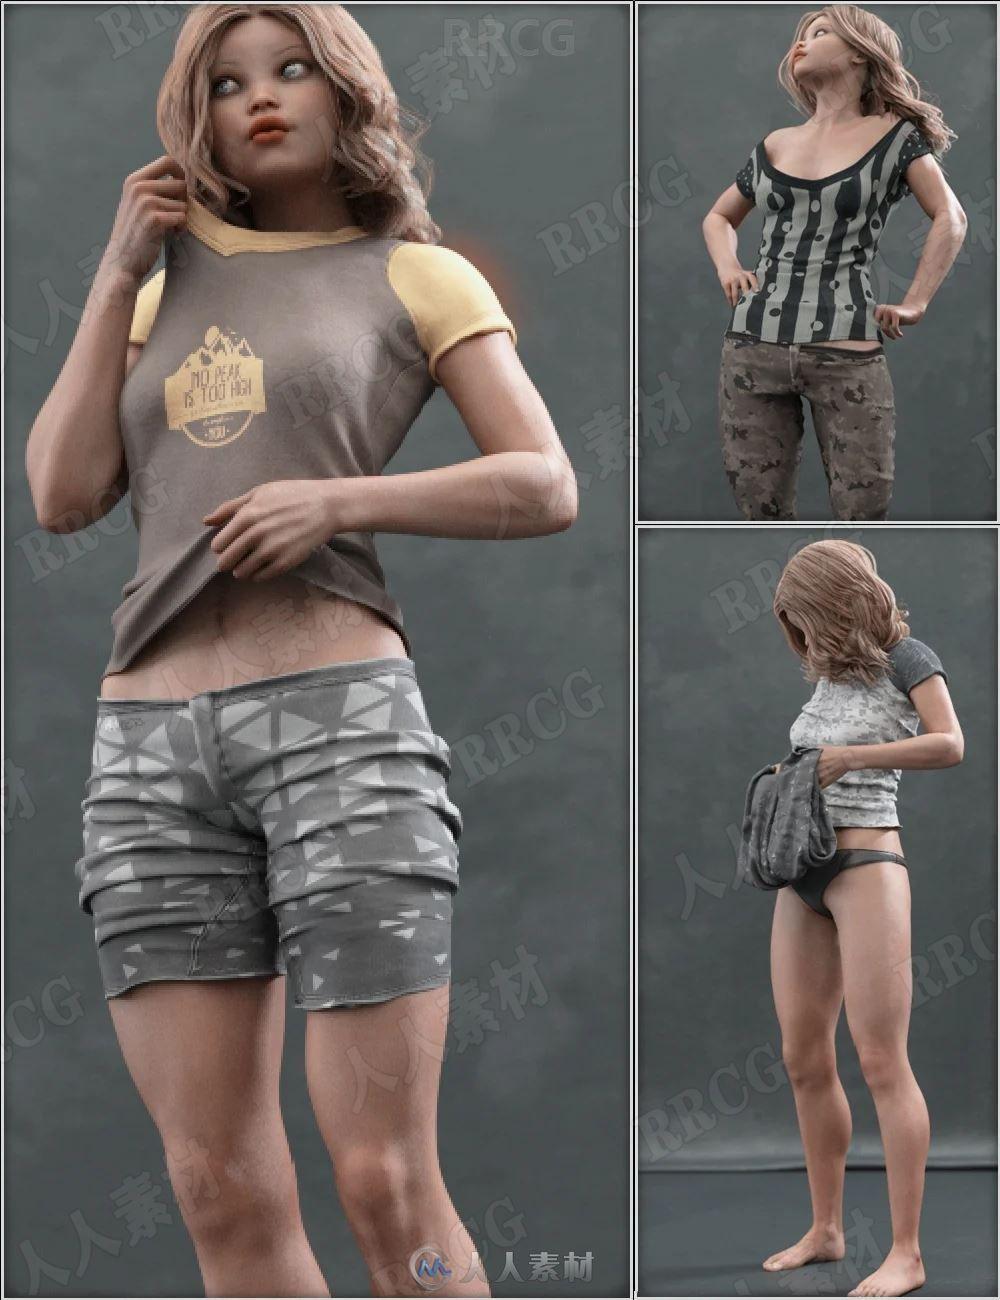 女性日常随意换衣服动作姿势3D模型合集